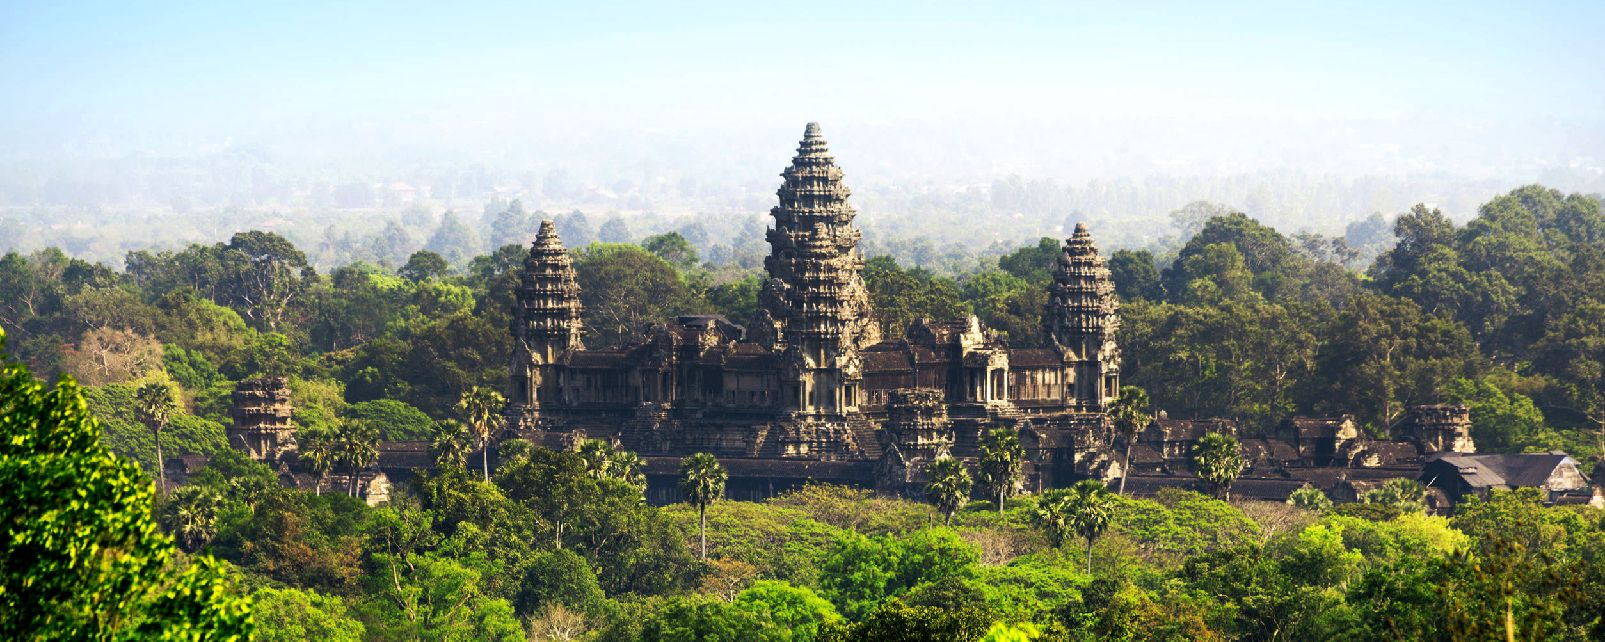 Angkor , Angkor Wat, Angkor, Cambodia , Cambodia